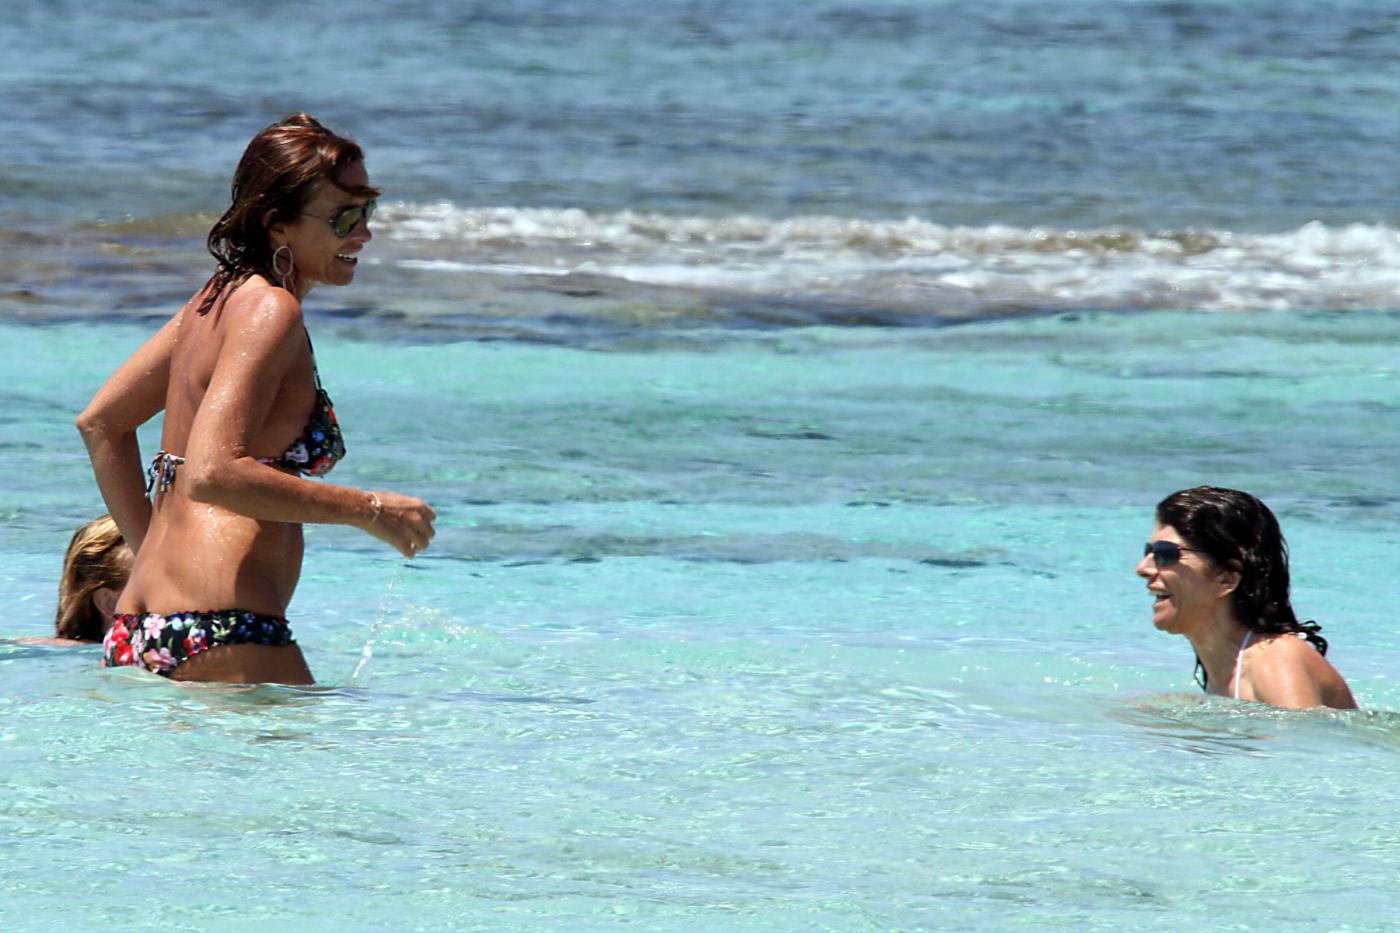 Cristina Parodi, tintarella a Formentera con amiche: topless perfetto a 50 anni 0